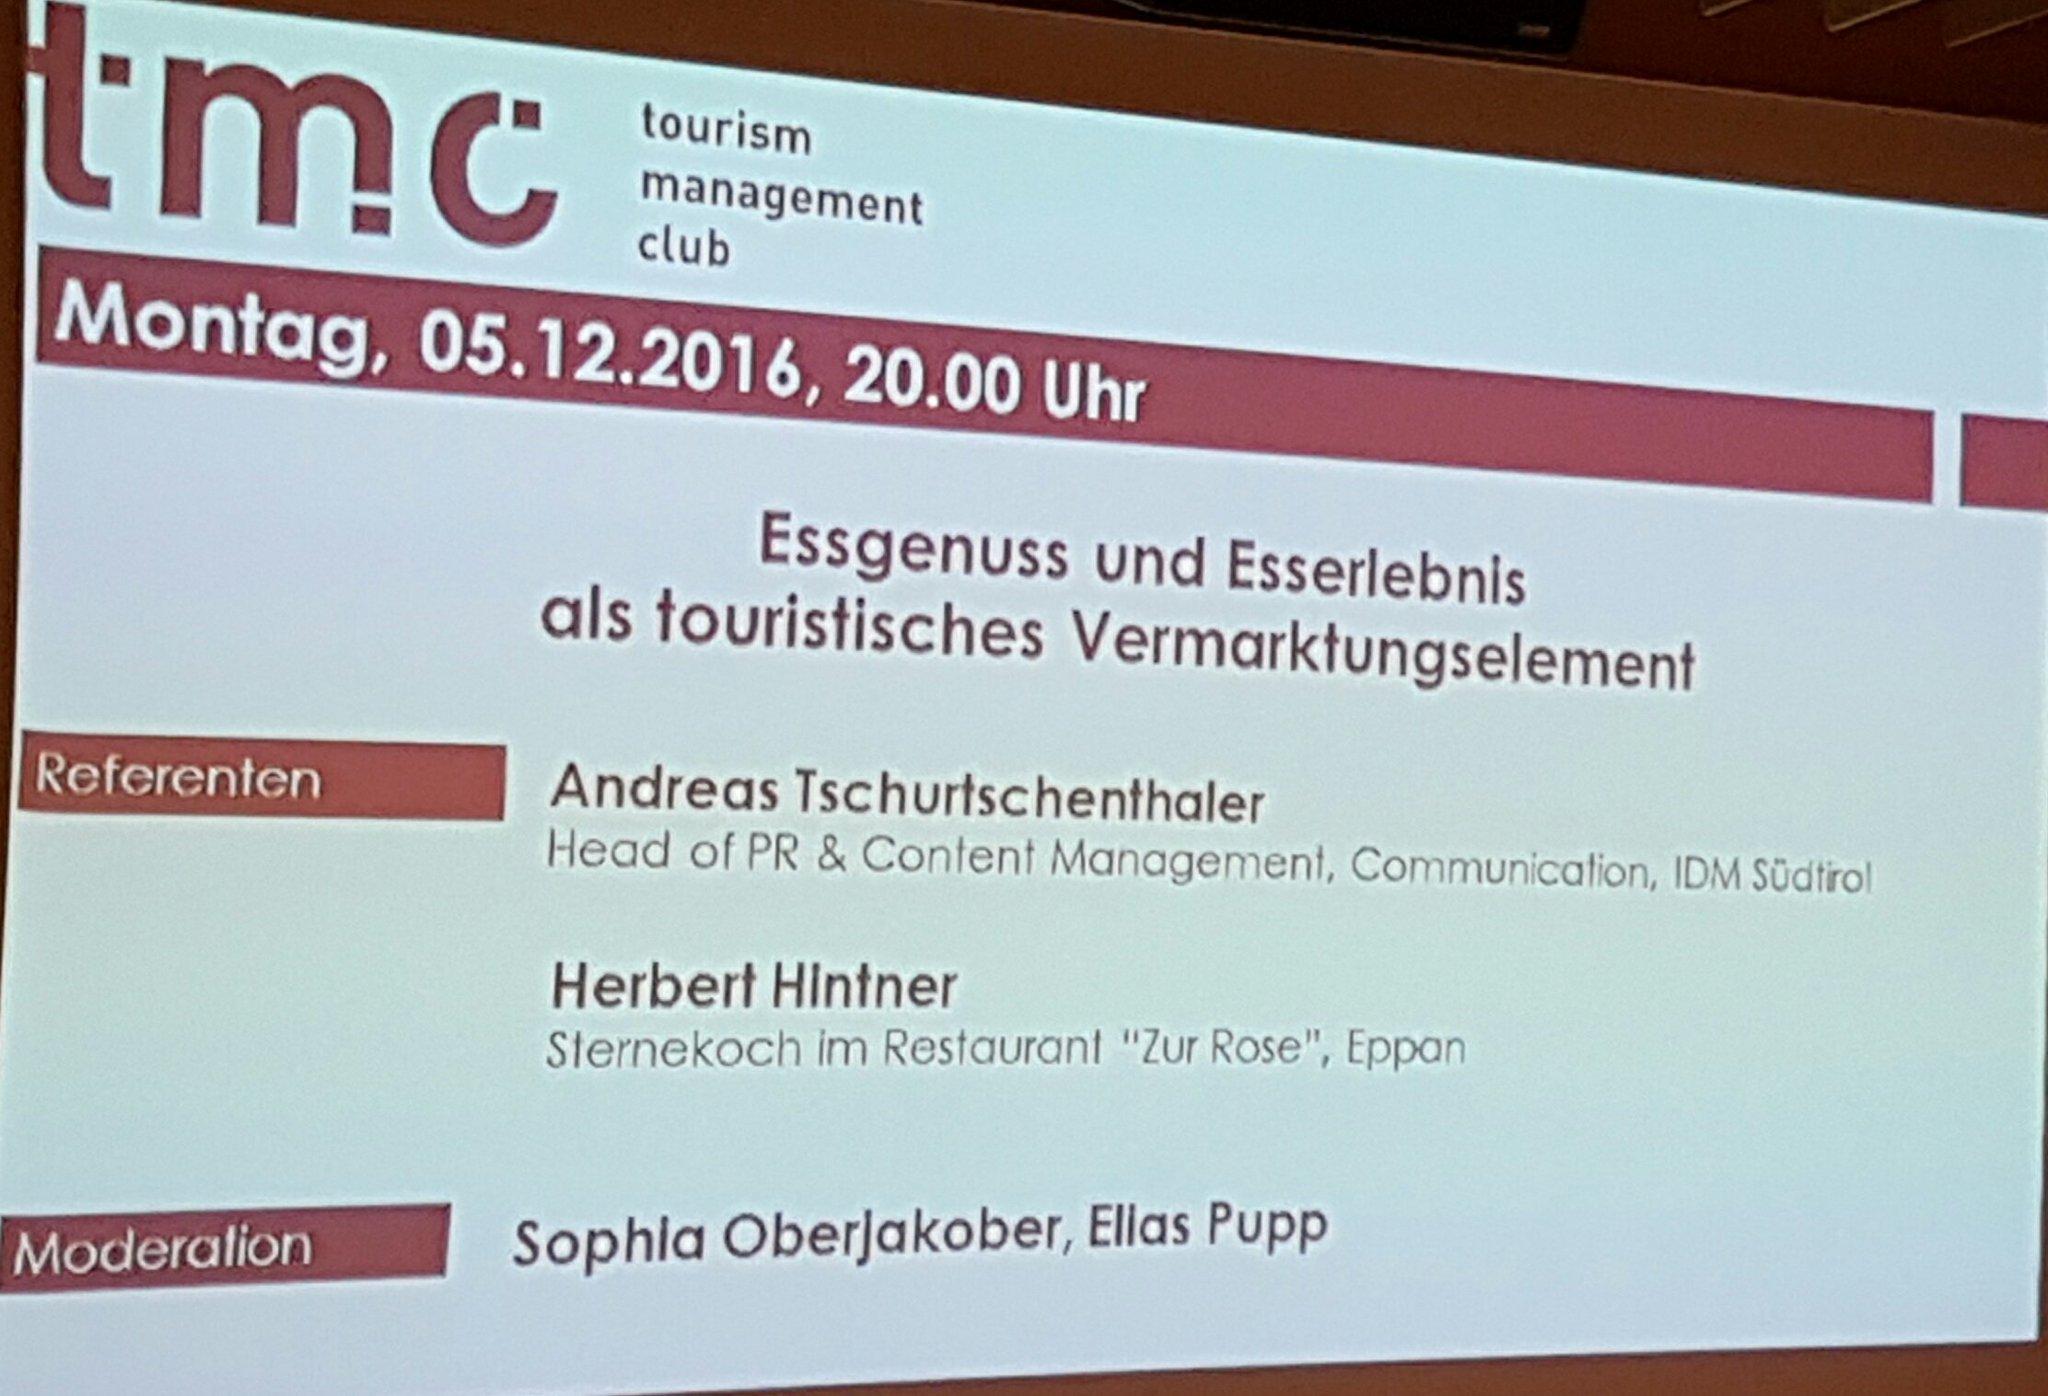 Heute bei #tmcbz. Essgenuss &  Esserlebnis als touristisches Vermarktungselement https://t.co/gLCK5td8iJ